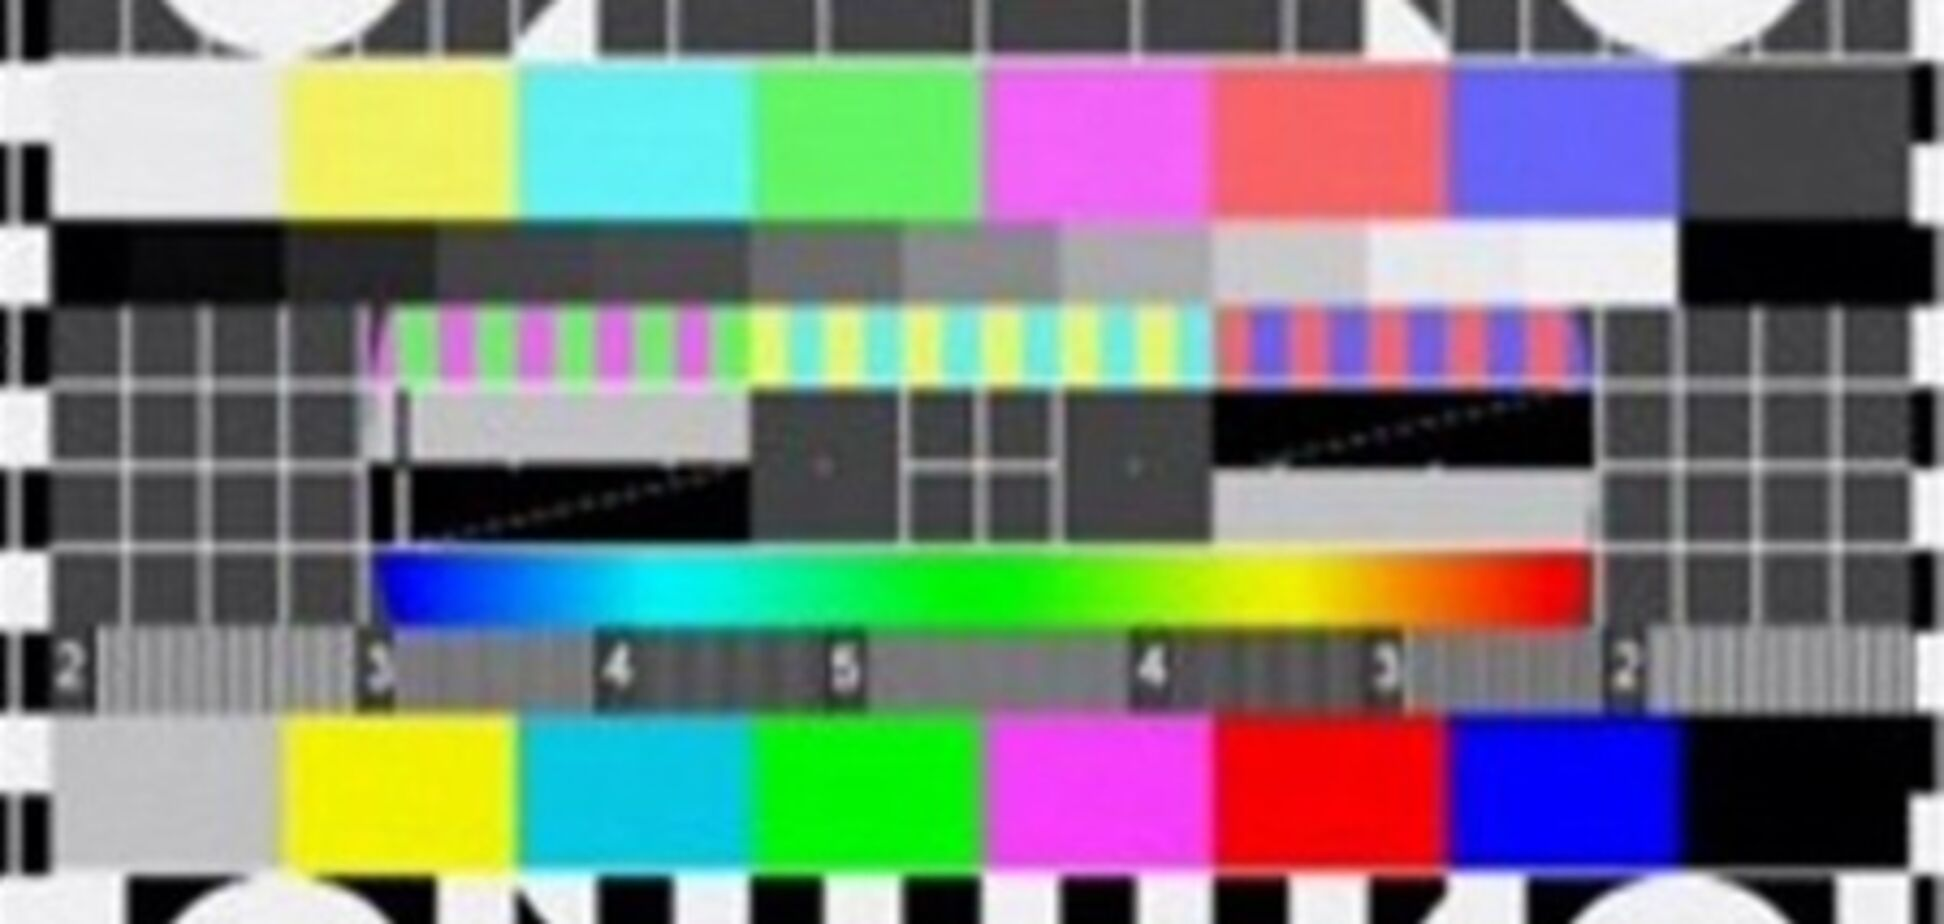 УТ: «управляемое» телебачення